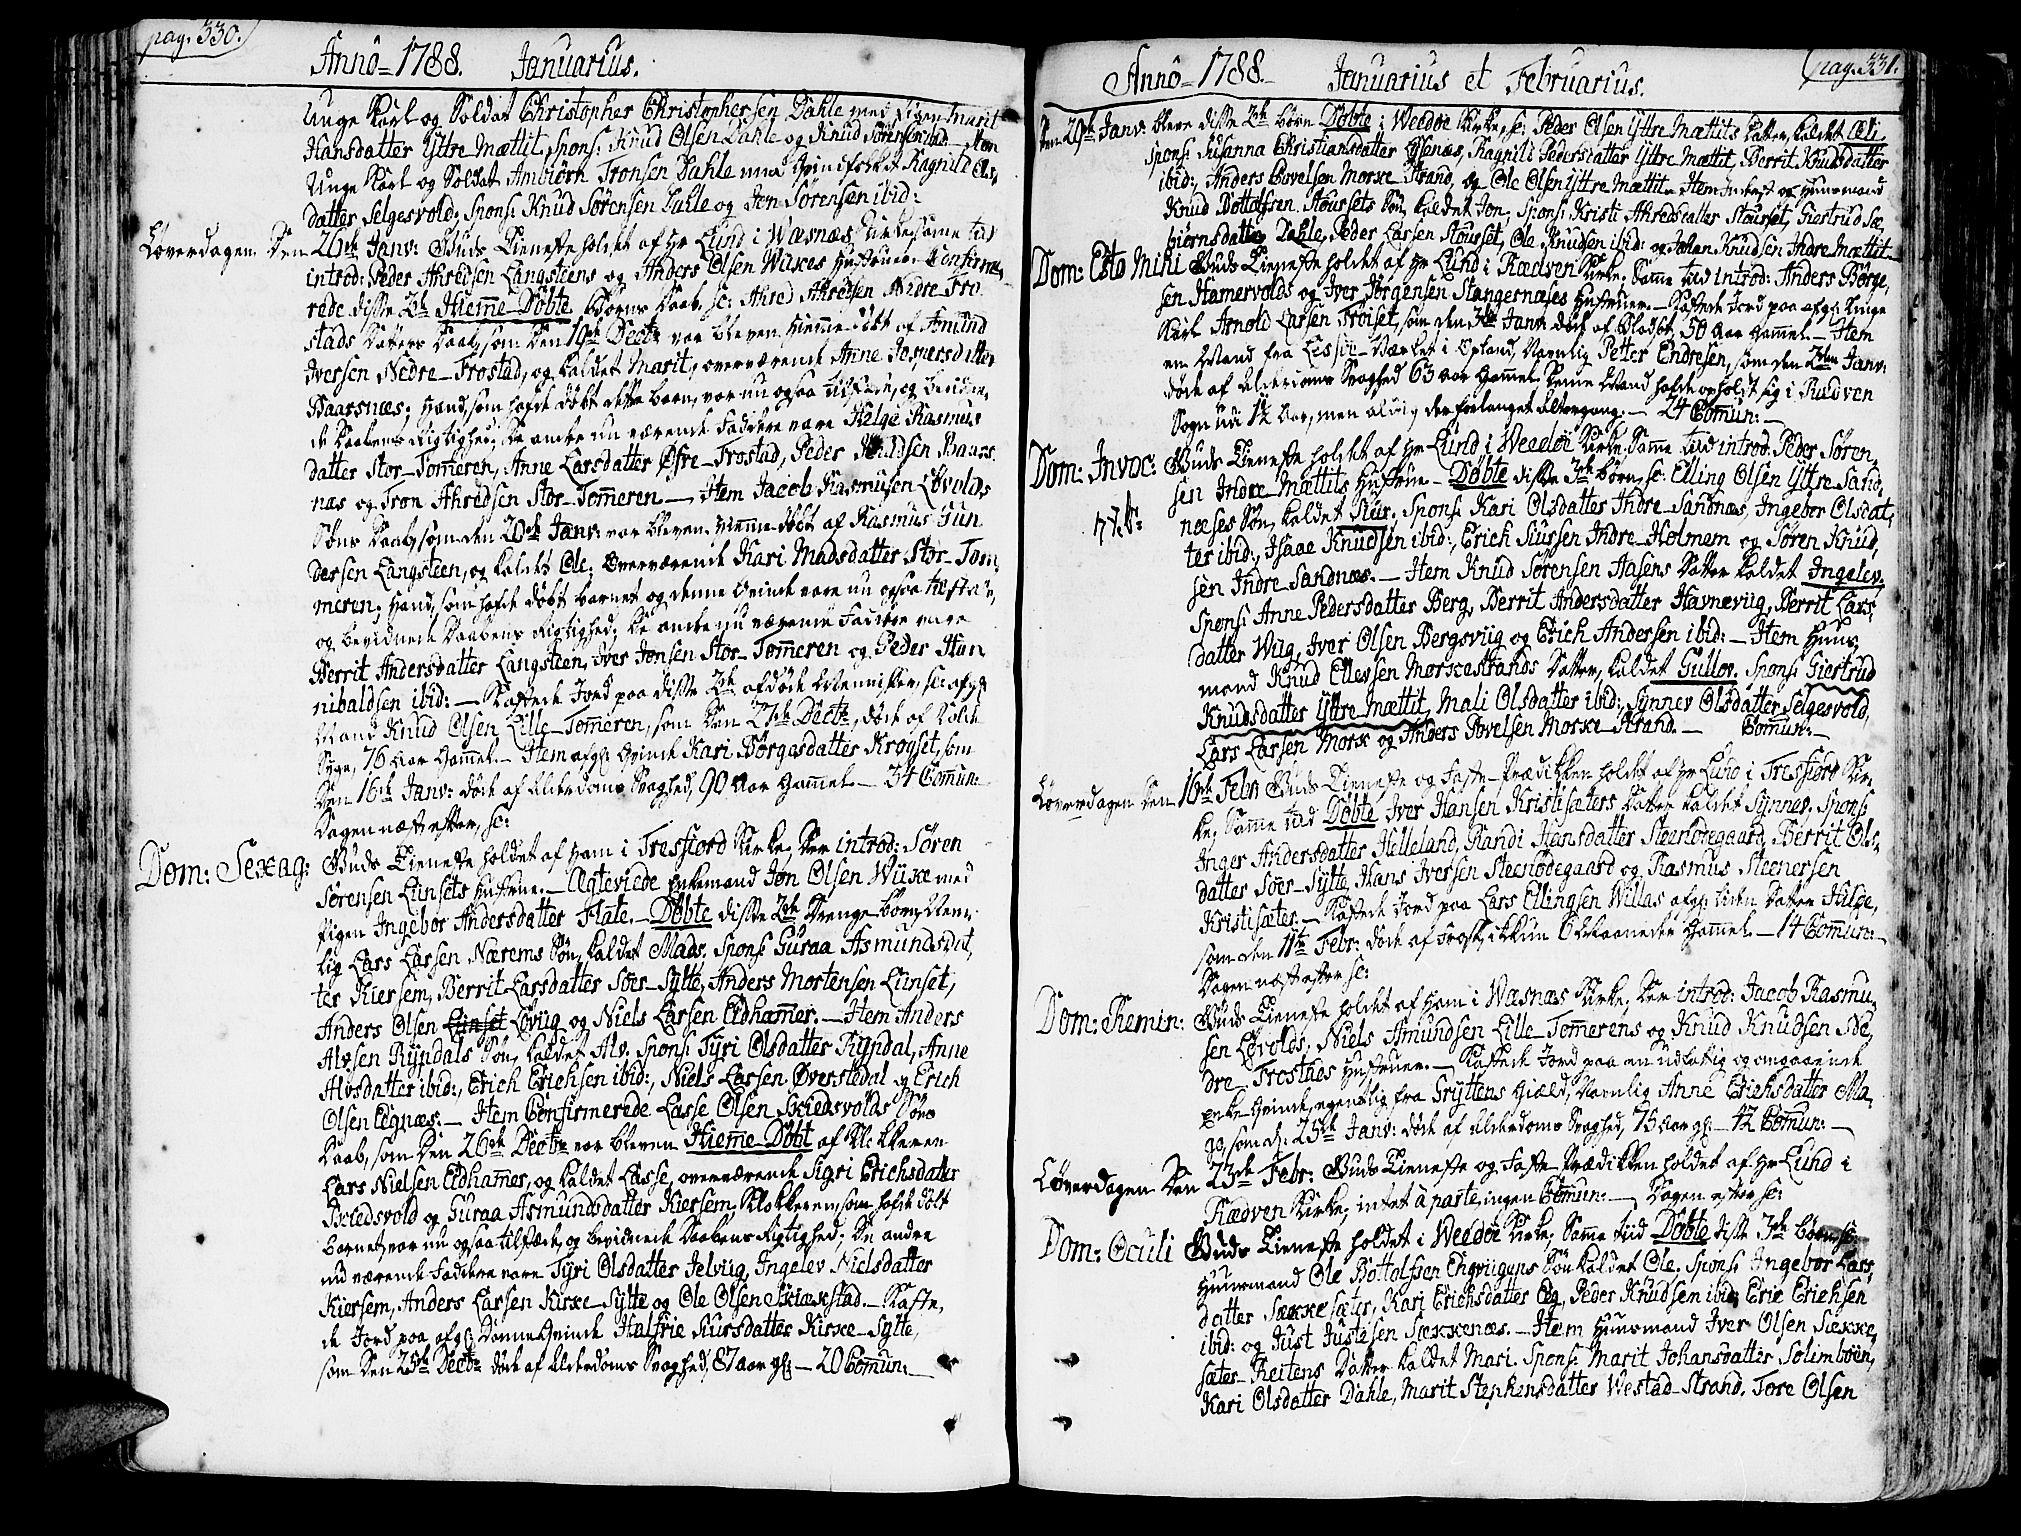 SAT, Ministerialprotokoller, klokkerbøker og fødselsregistre - Møre og Romsdal, 547/L0600: Parish register (official) no. 547A02, 1765-1799, p. 330-331